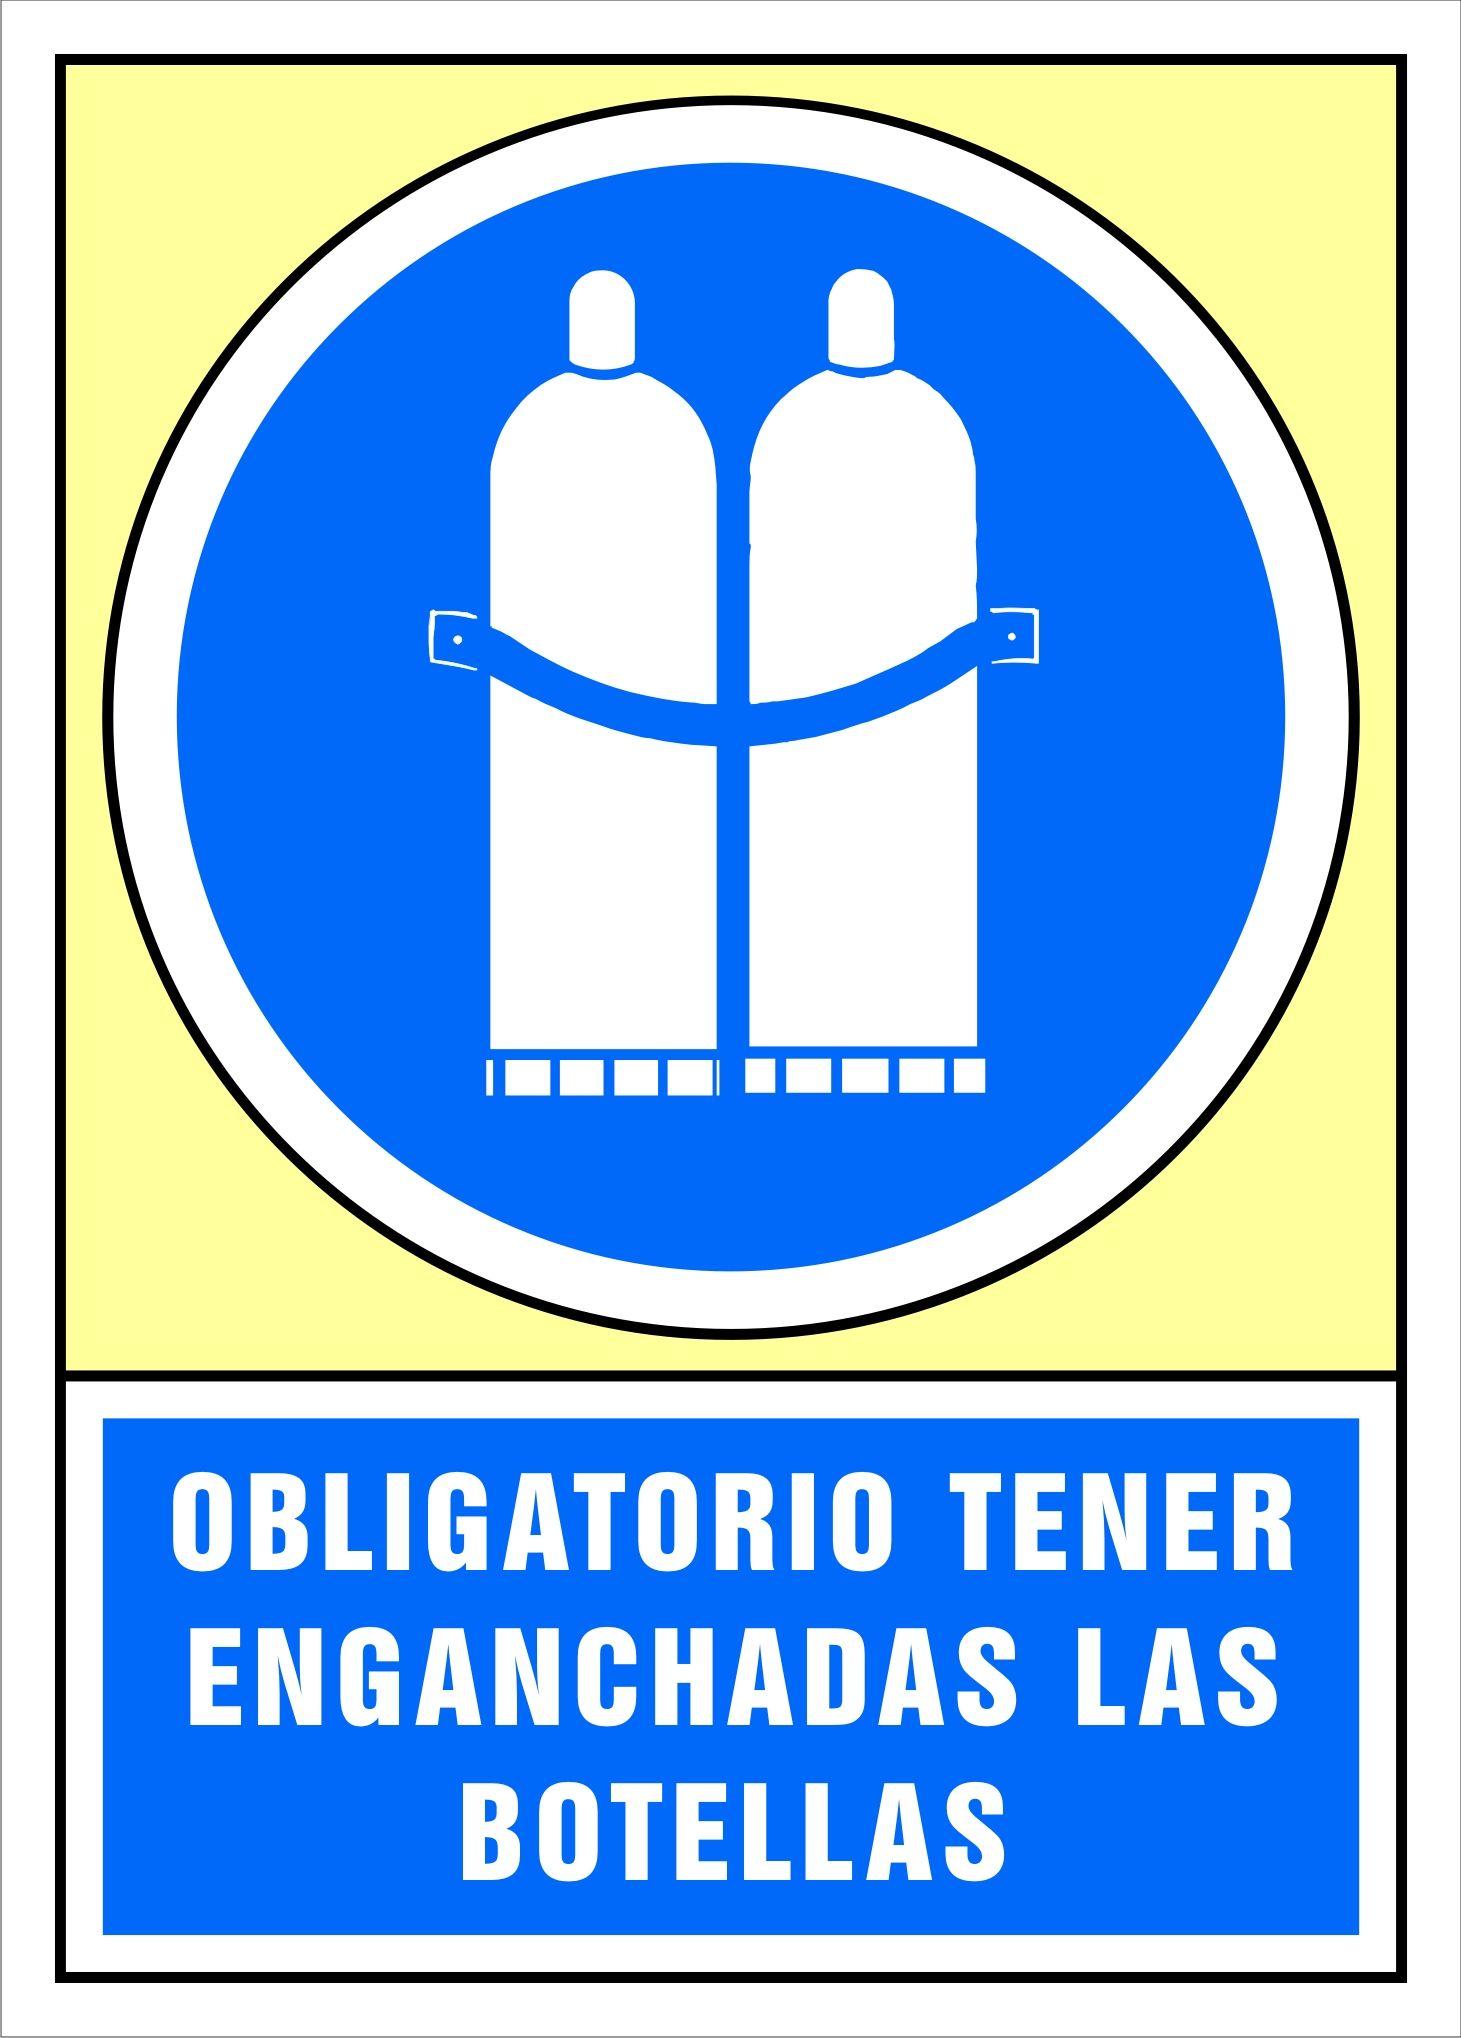 Senal Obligatorio Tener Enganchadas Las Botellas Carteles De